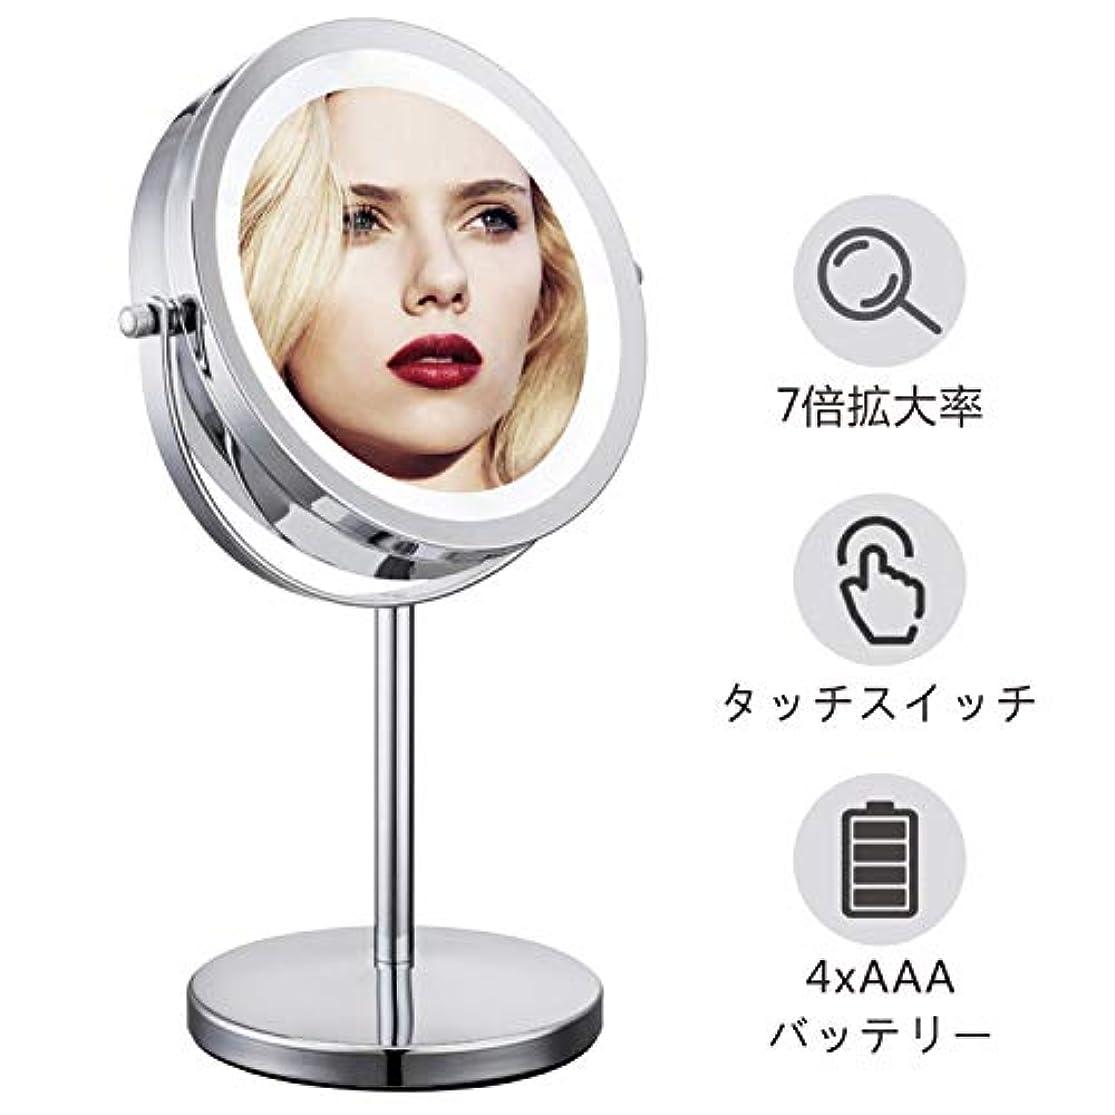 レバー深いとらえどころのないMinracler 化粧鏡 7倍拡大 卓上 化粧ミラー led両面鏡 明るさ調節可能 360度回転 (鏡面155mmΦ) 電池給電